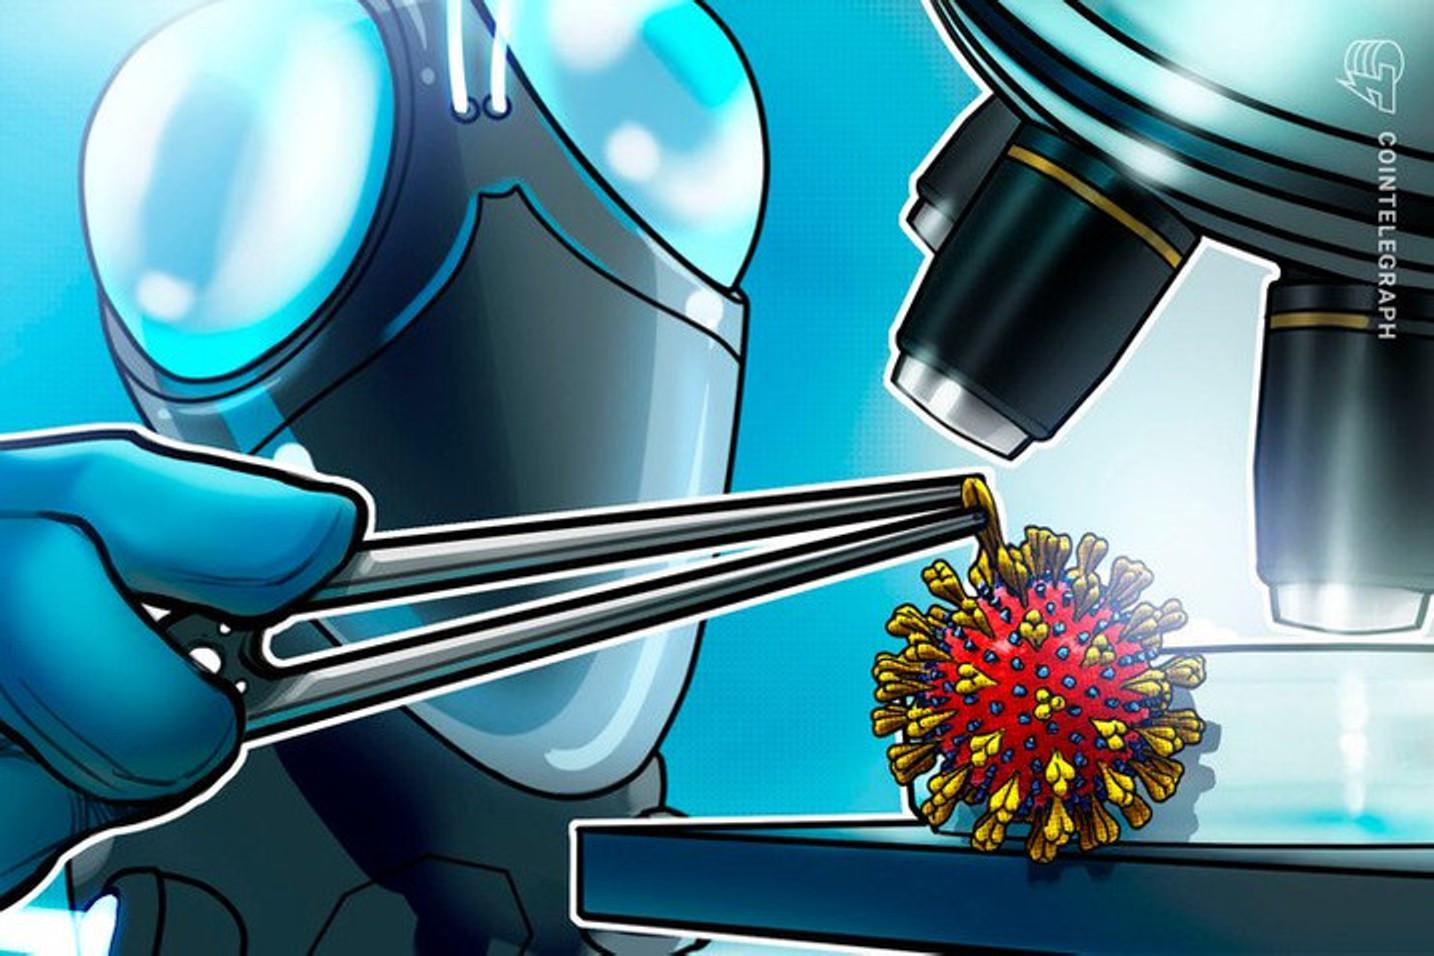 Vacinação contra o Coronavírus no Brasil será registrada em blockchain pelo Ministério da Saúde